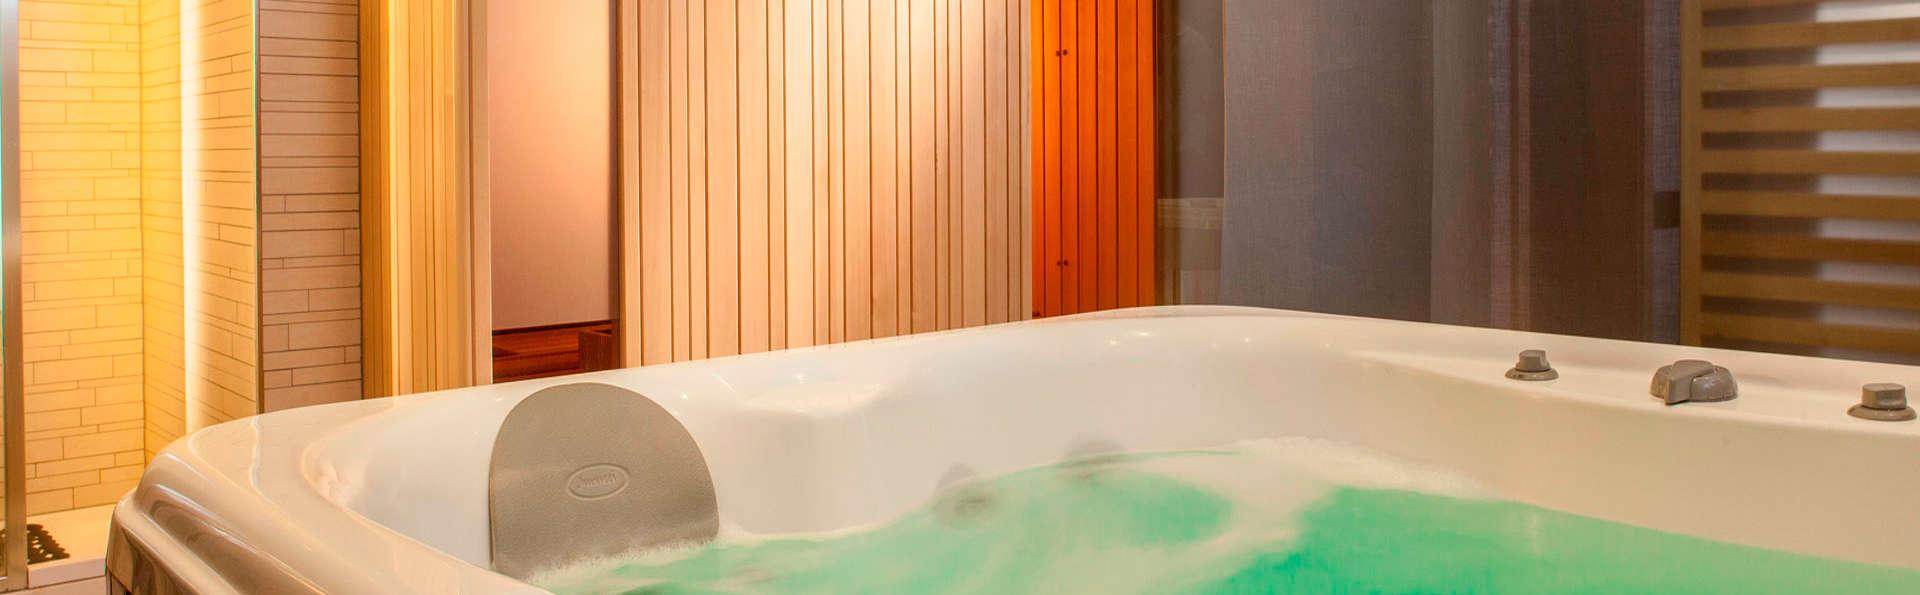 Farniente avec accès au spa au cœur des Trois Frontières